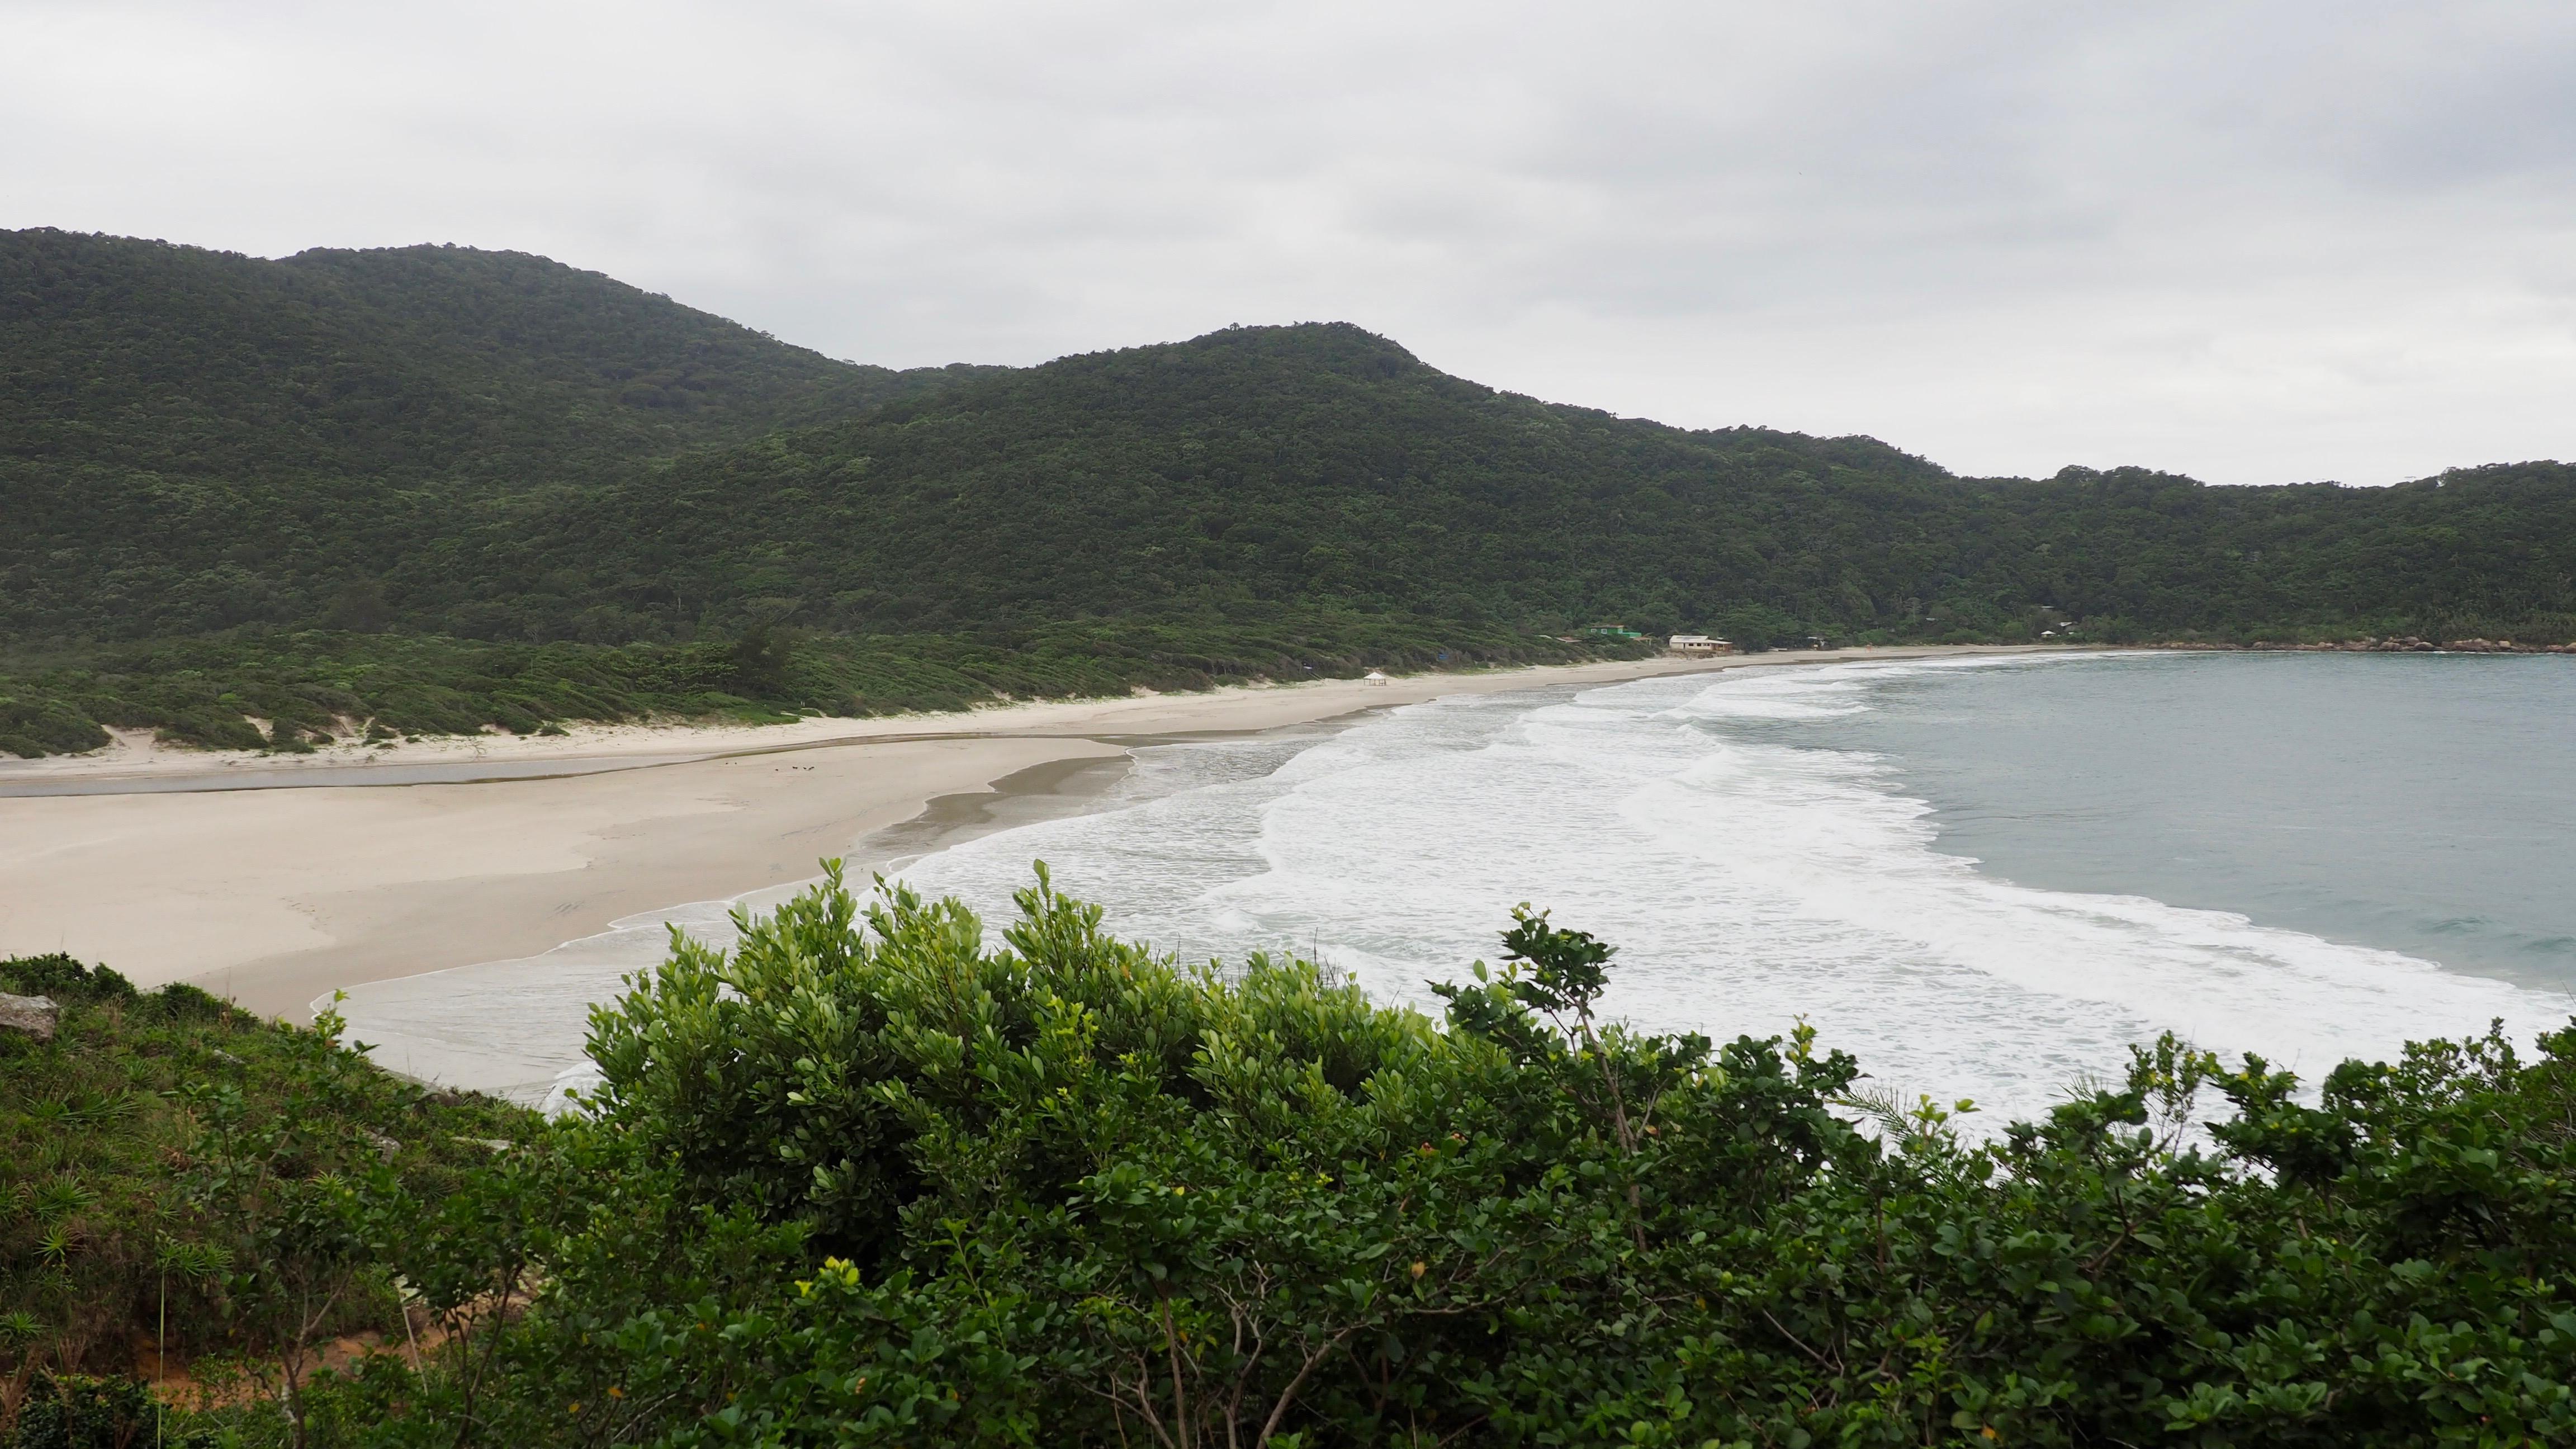 Vista panorámica de la playa de los Náufragos, la mejor playa de Florianópolis